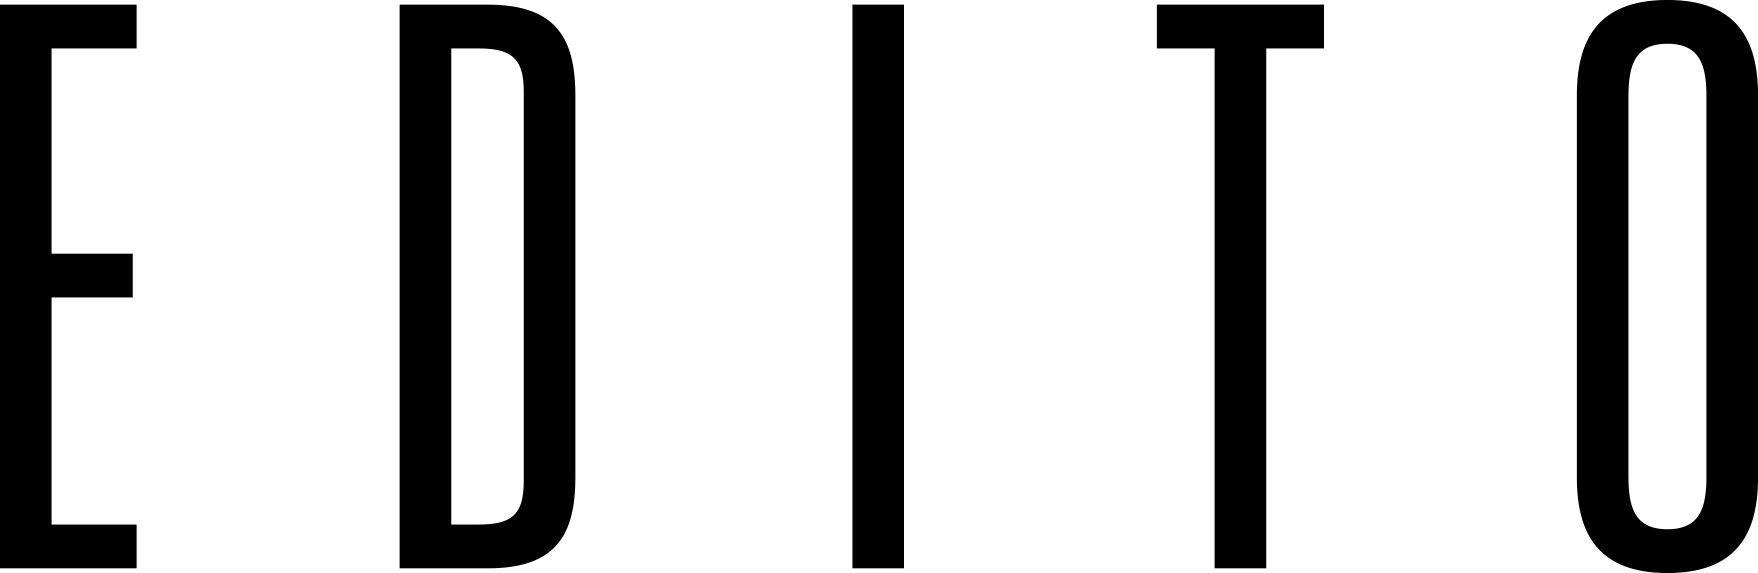 edito-logo